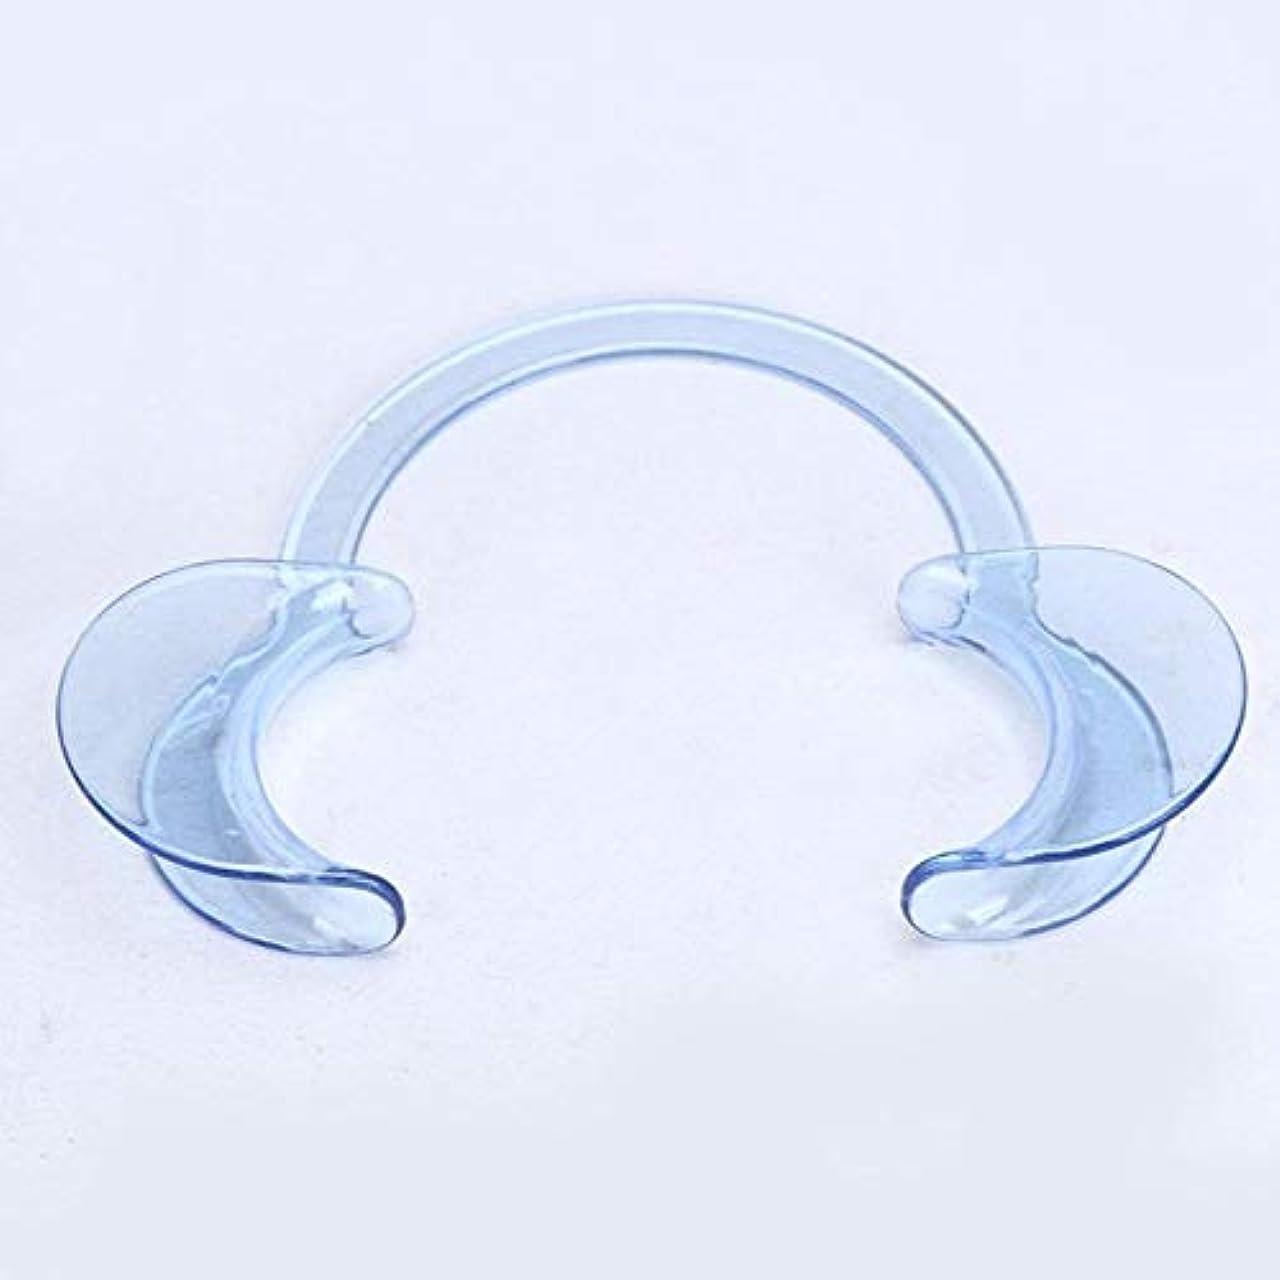 ドラム芸術的ビタミンDC パック 歯科 C型 開口器 口オープナー マウスオープナー 開口マウスオープナー C型ホワイトニング口の開創器